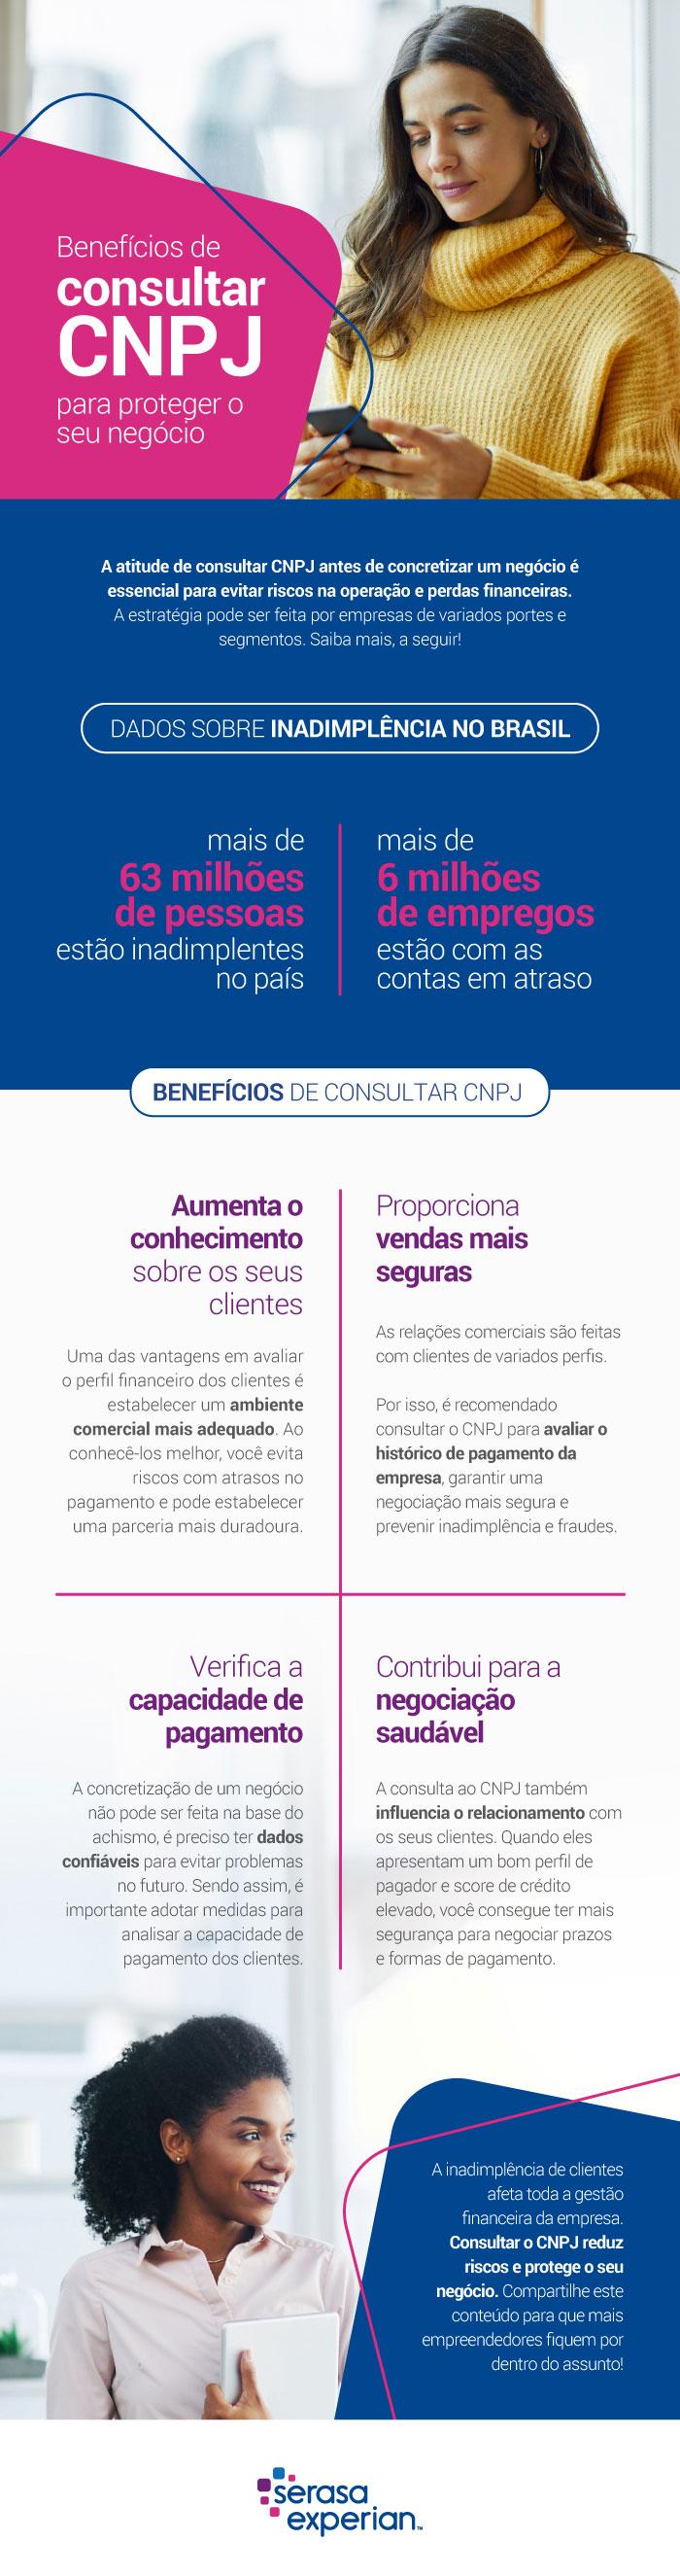 Benefícios de consultar CNPJ